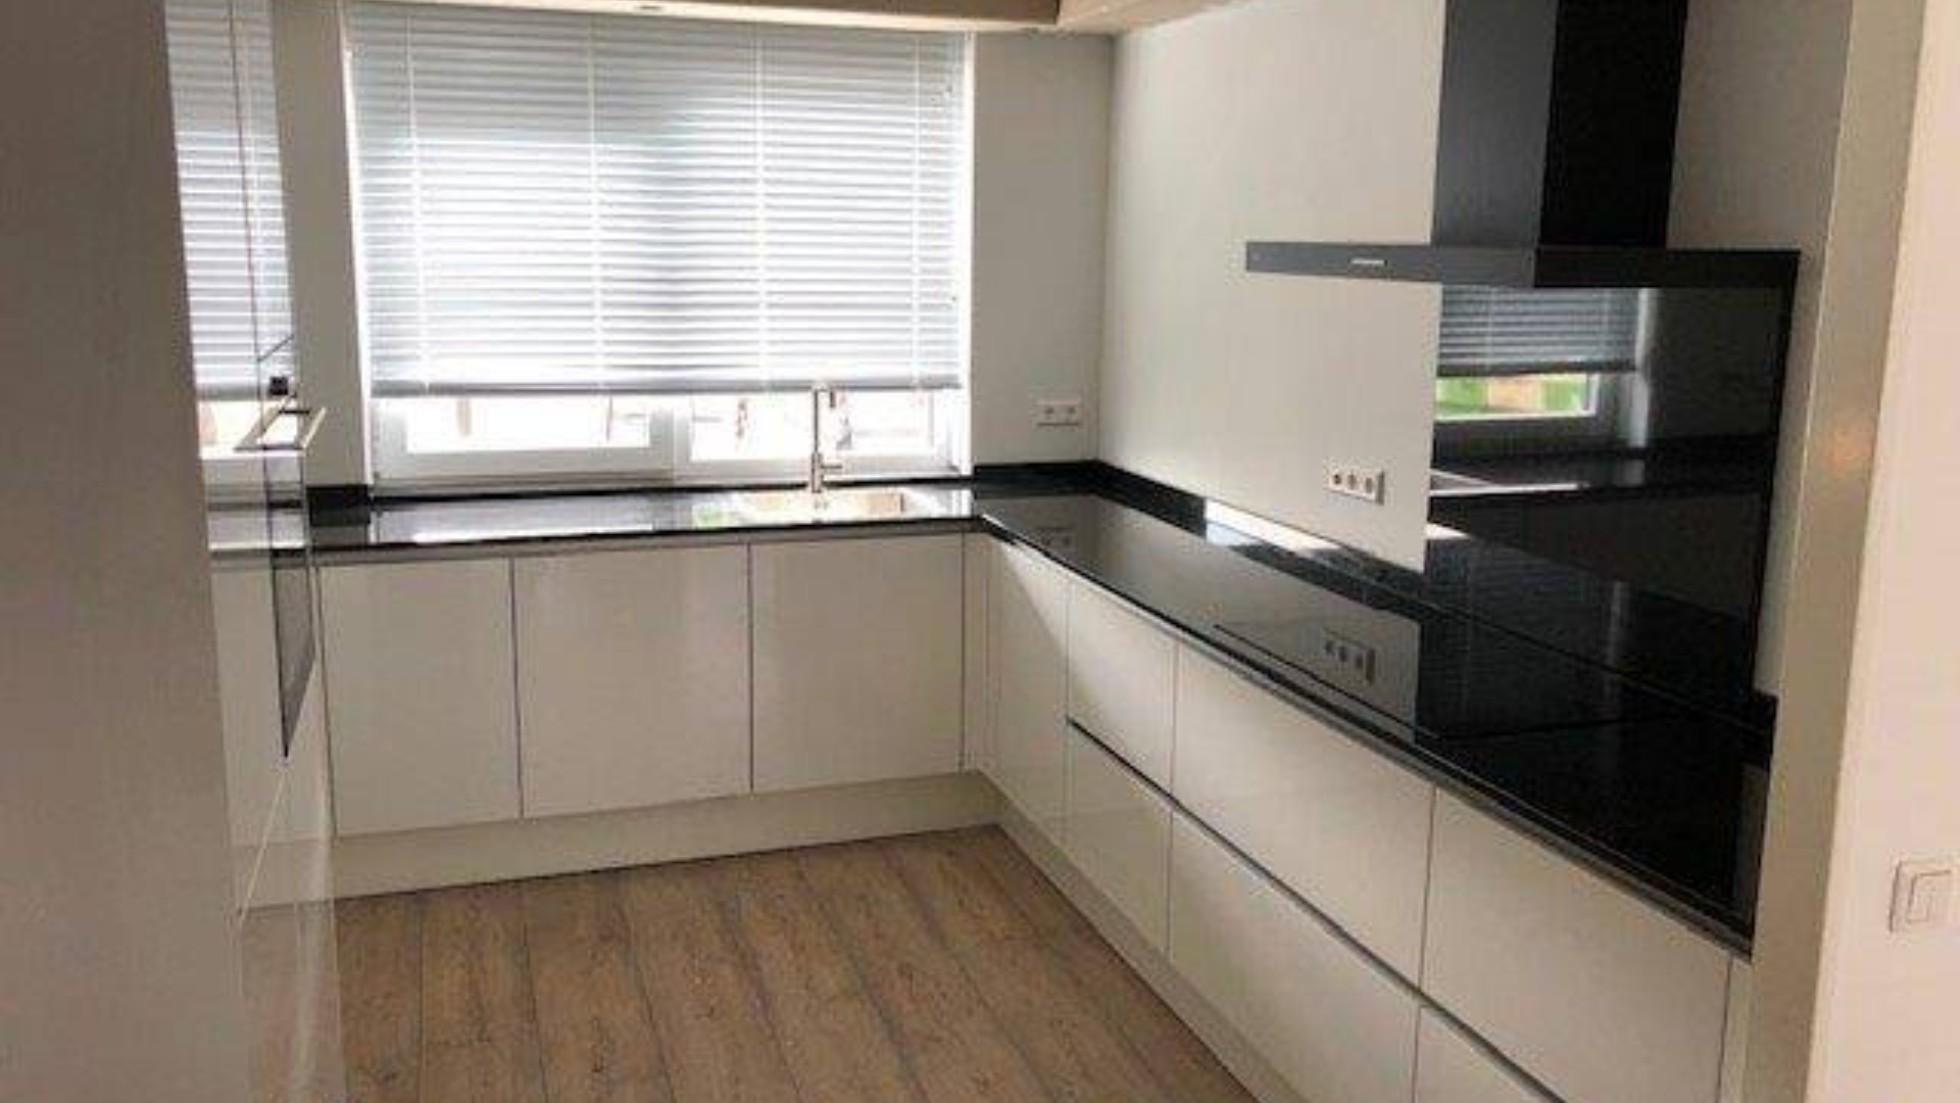 Primo Keukens Keukens Bij Onze Klanten Strak Wit Hoogglans Met Zwarte Keuken